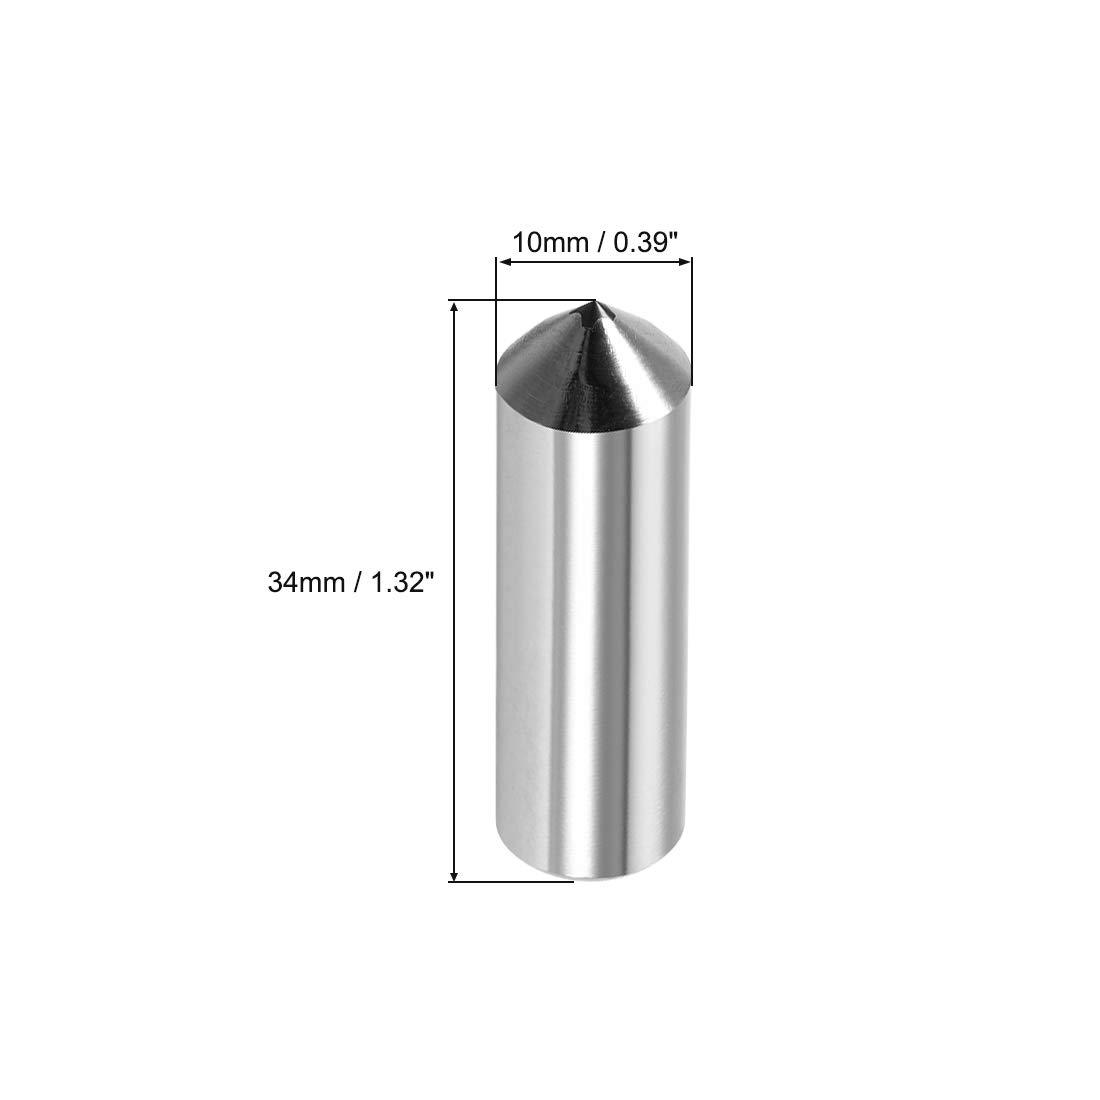 Version SK 50 Short Haimer 50.330.10 Whistle Notch Tool Holder 10 mm Diameter